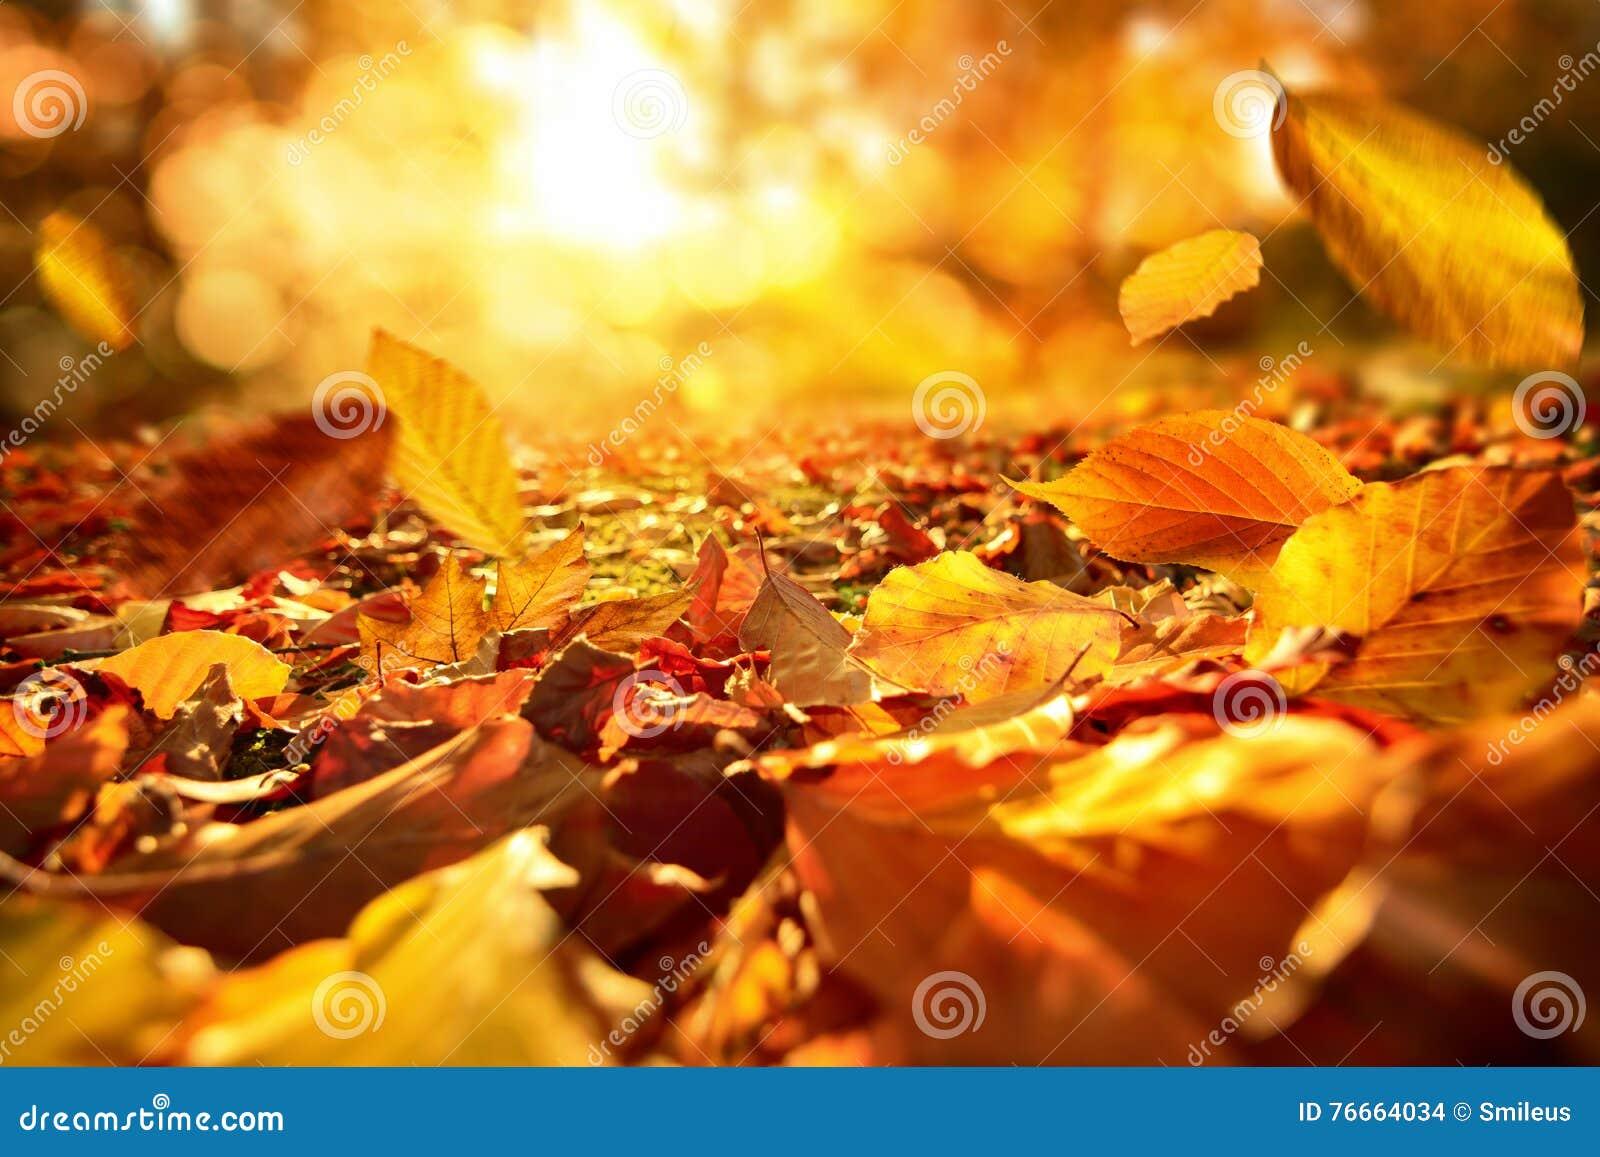 Feuilles d automne en baisse à la lumière du soleil animée